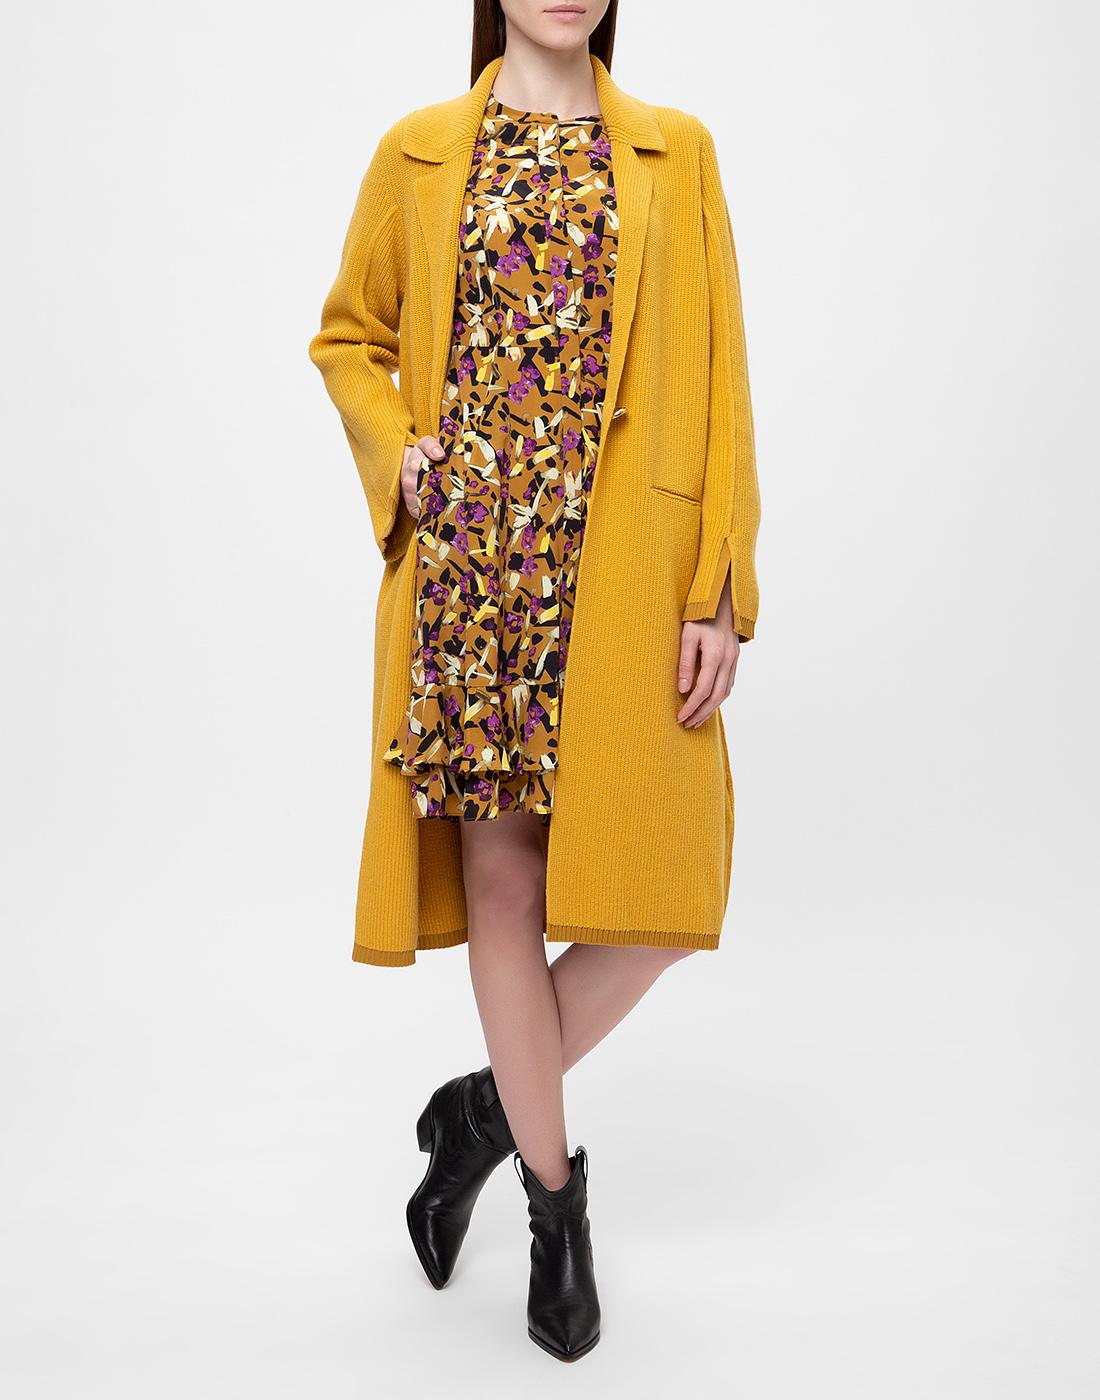 Женское платье-рубашка  Dorothee Schumacher S649713/072-5